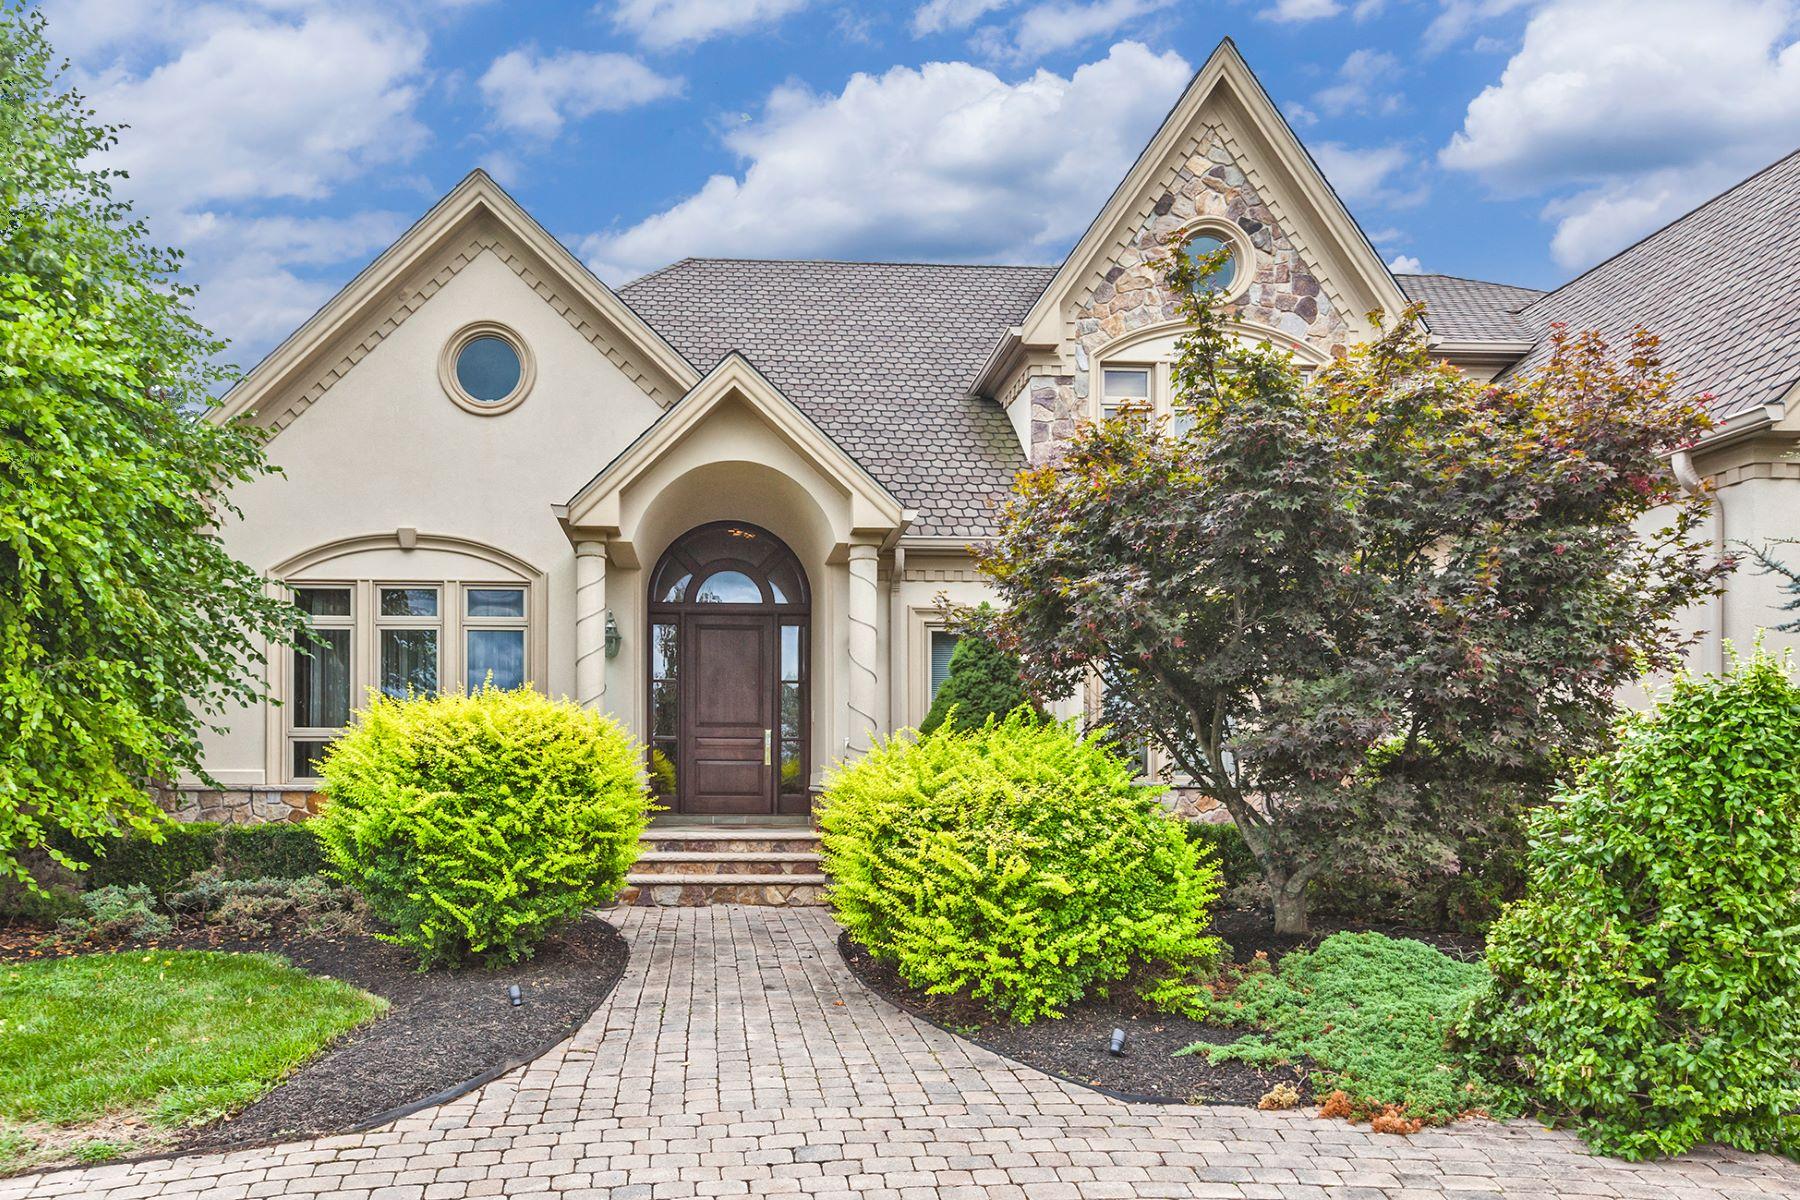 Maison unifamiliale pour l Vente à Put This On Your Must-See List - Hopewell Township 158 Harbourton Woodsville Road Lambertville, New Jersey 08530 États-Unis